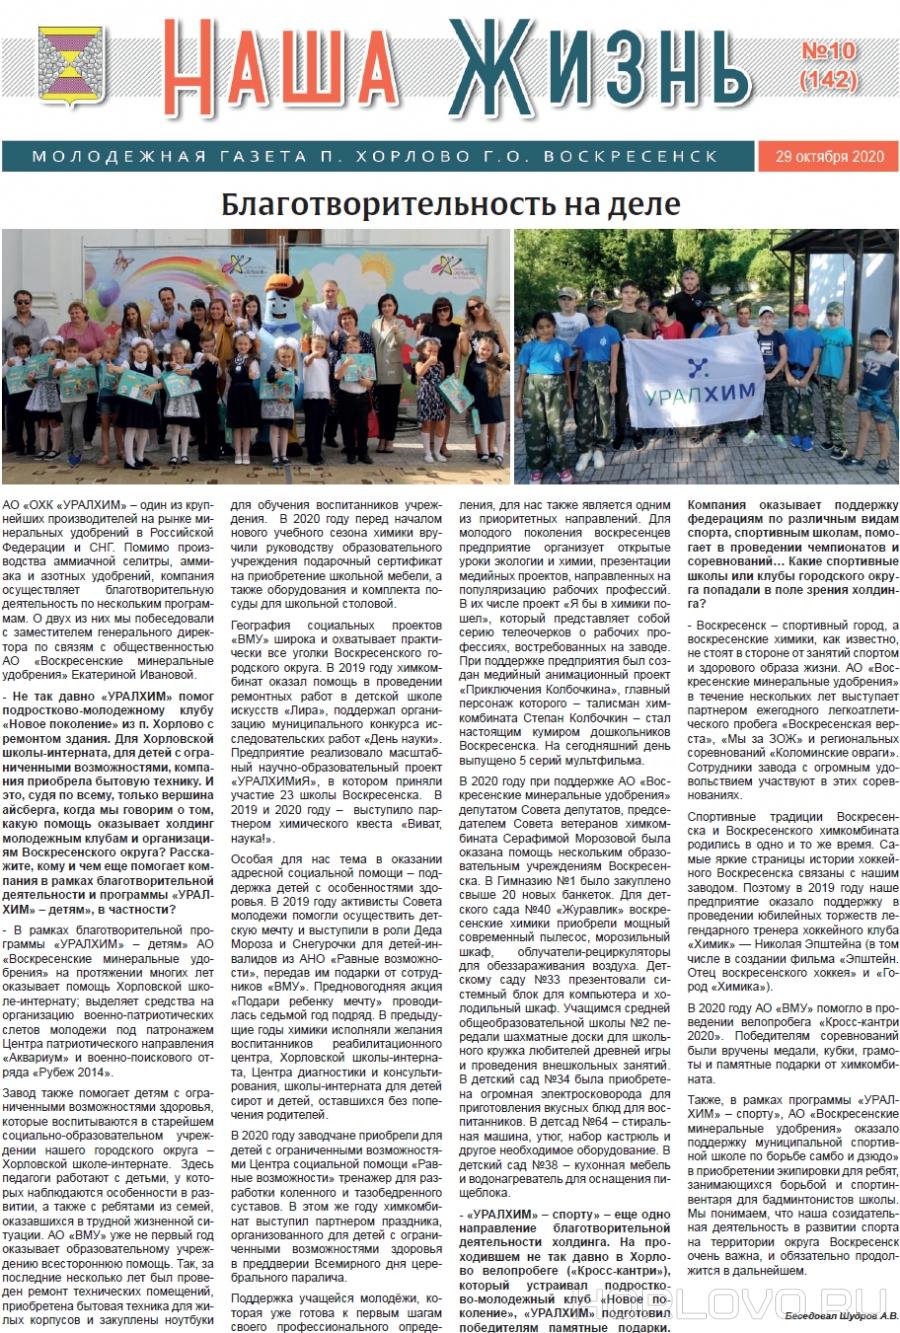 """Газета """"Наша жизнь"""" - 29 октября 2020 года"""